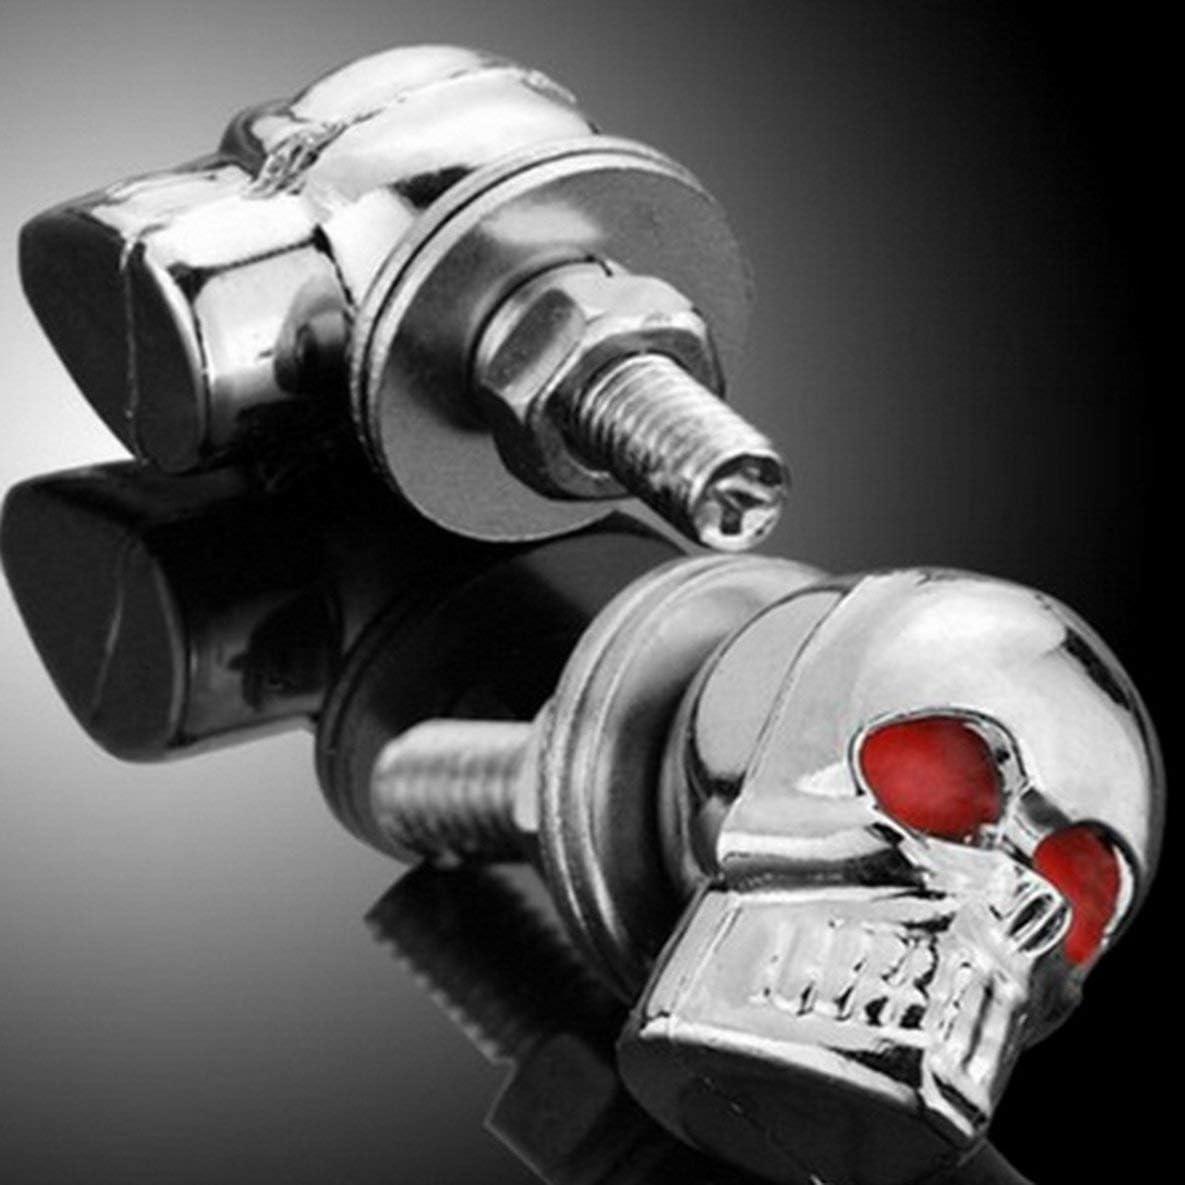 Un par//juego de accesorios para autom/óviles de motocicleta Decoraci/ón de calaveras Pernos de marco de matr/ícula Tornillo de fijaci/ón para motocicleta+Plata